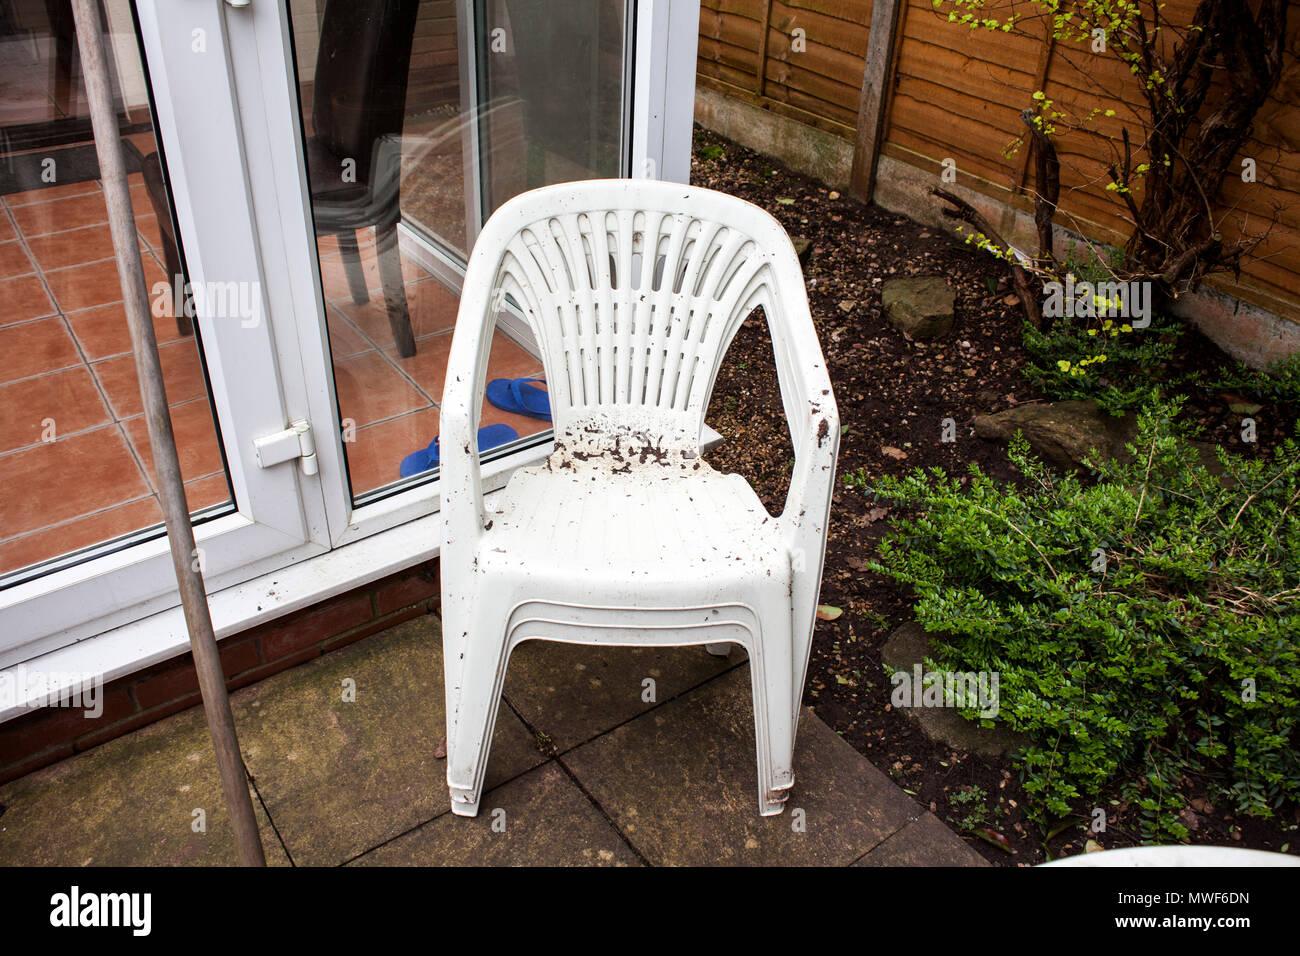 Dirty Garten Kunststoff Stühle Für Die Reinigung Bereit Home